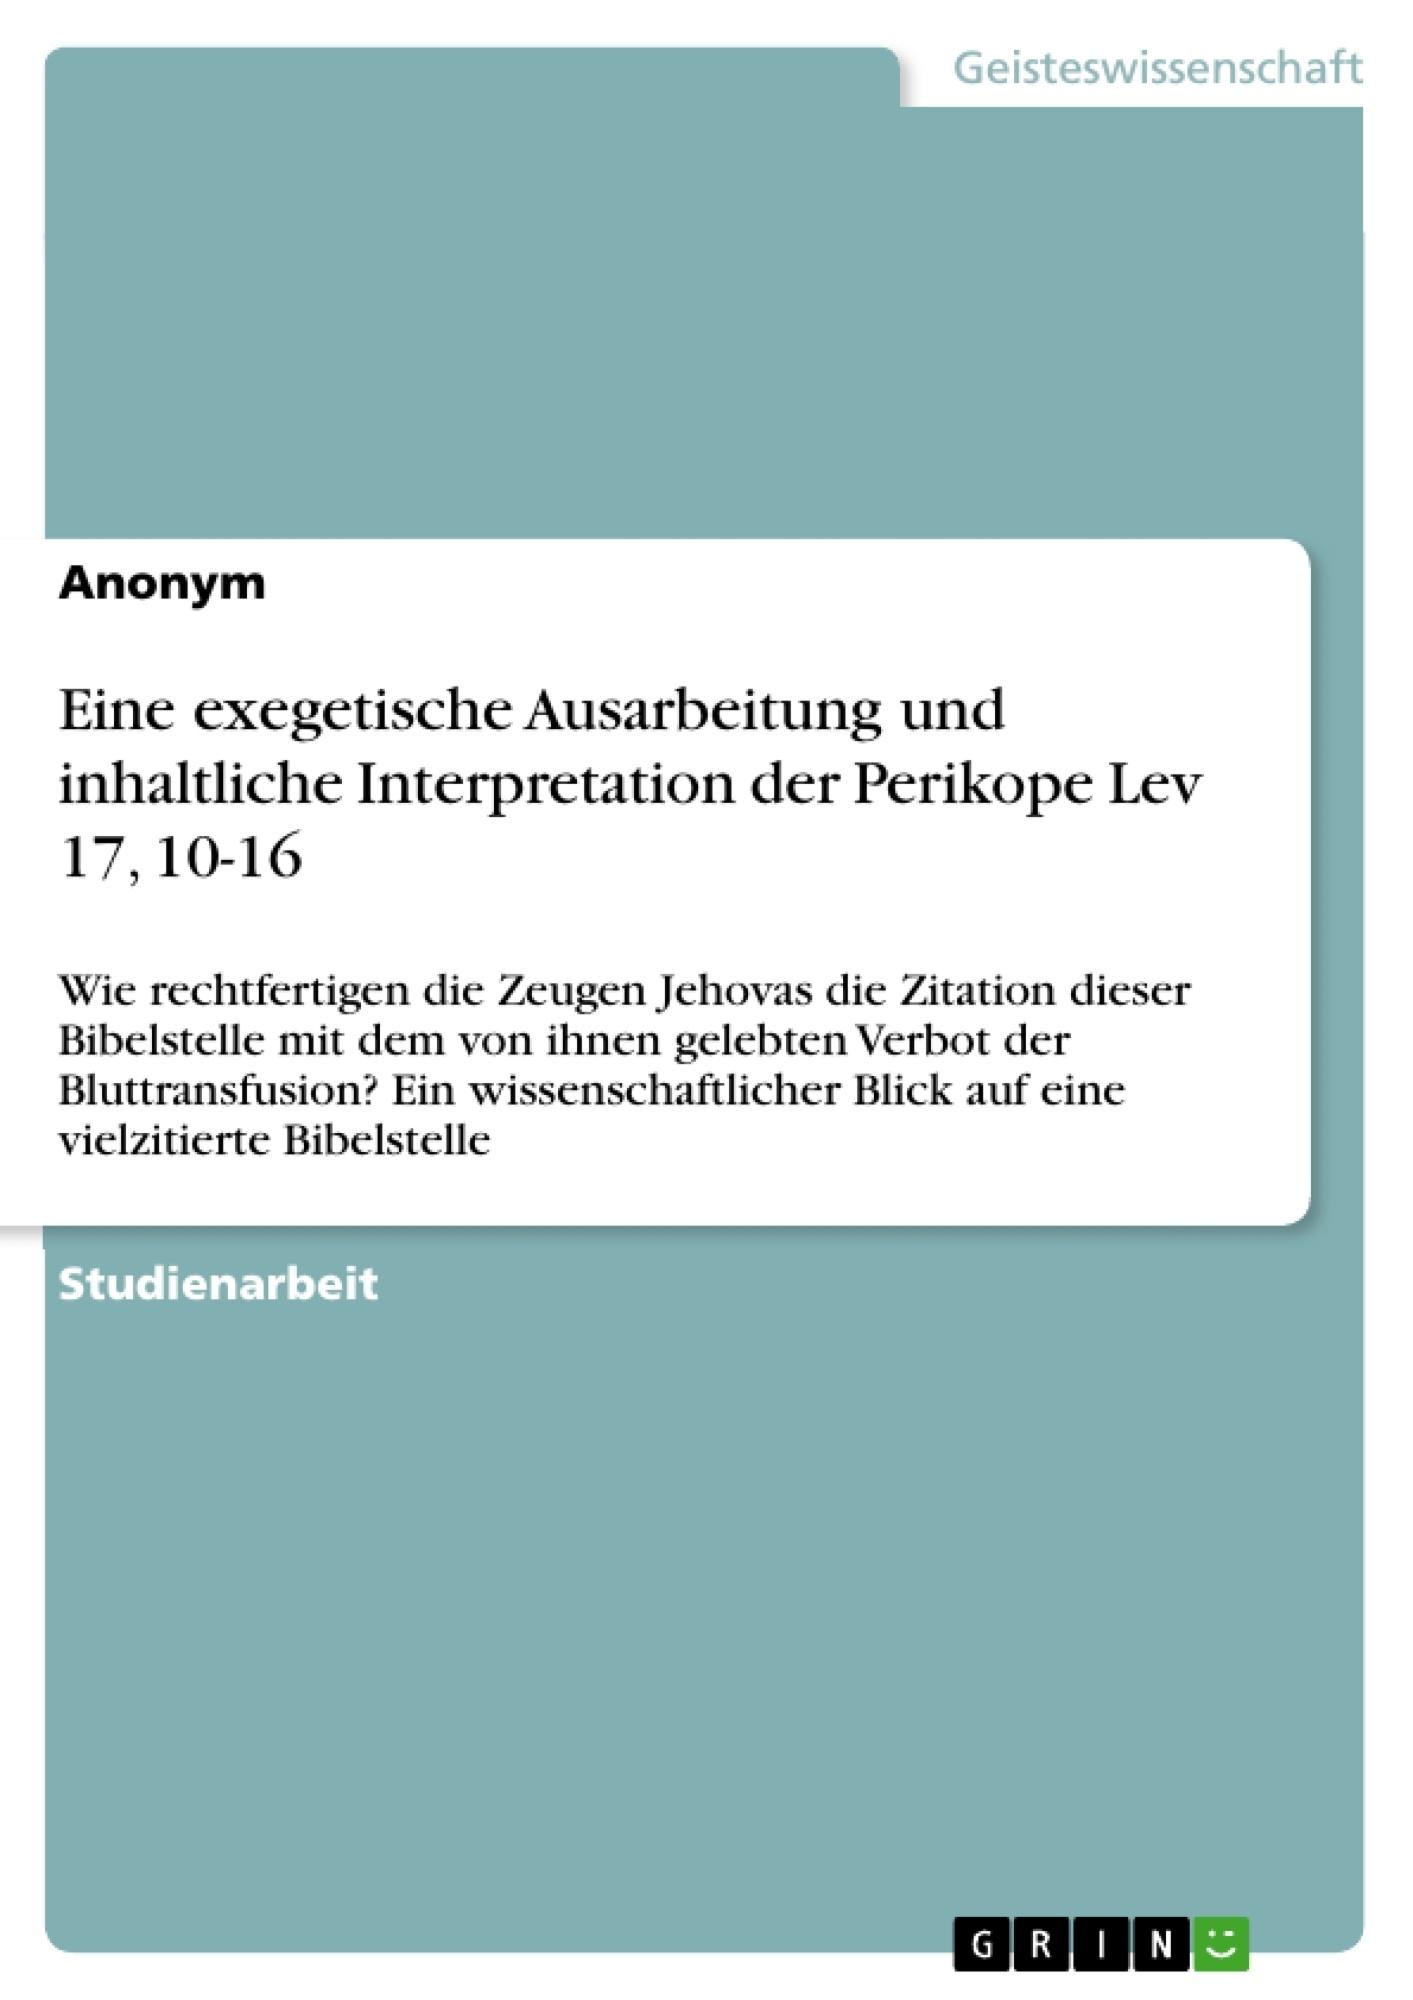 Titel: Eine exegetische Ausarbeitung und inhaltliche Interpretation der Perikope Lev 17, 10-16